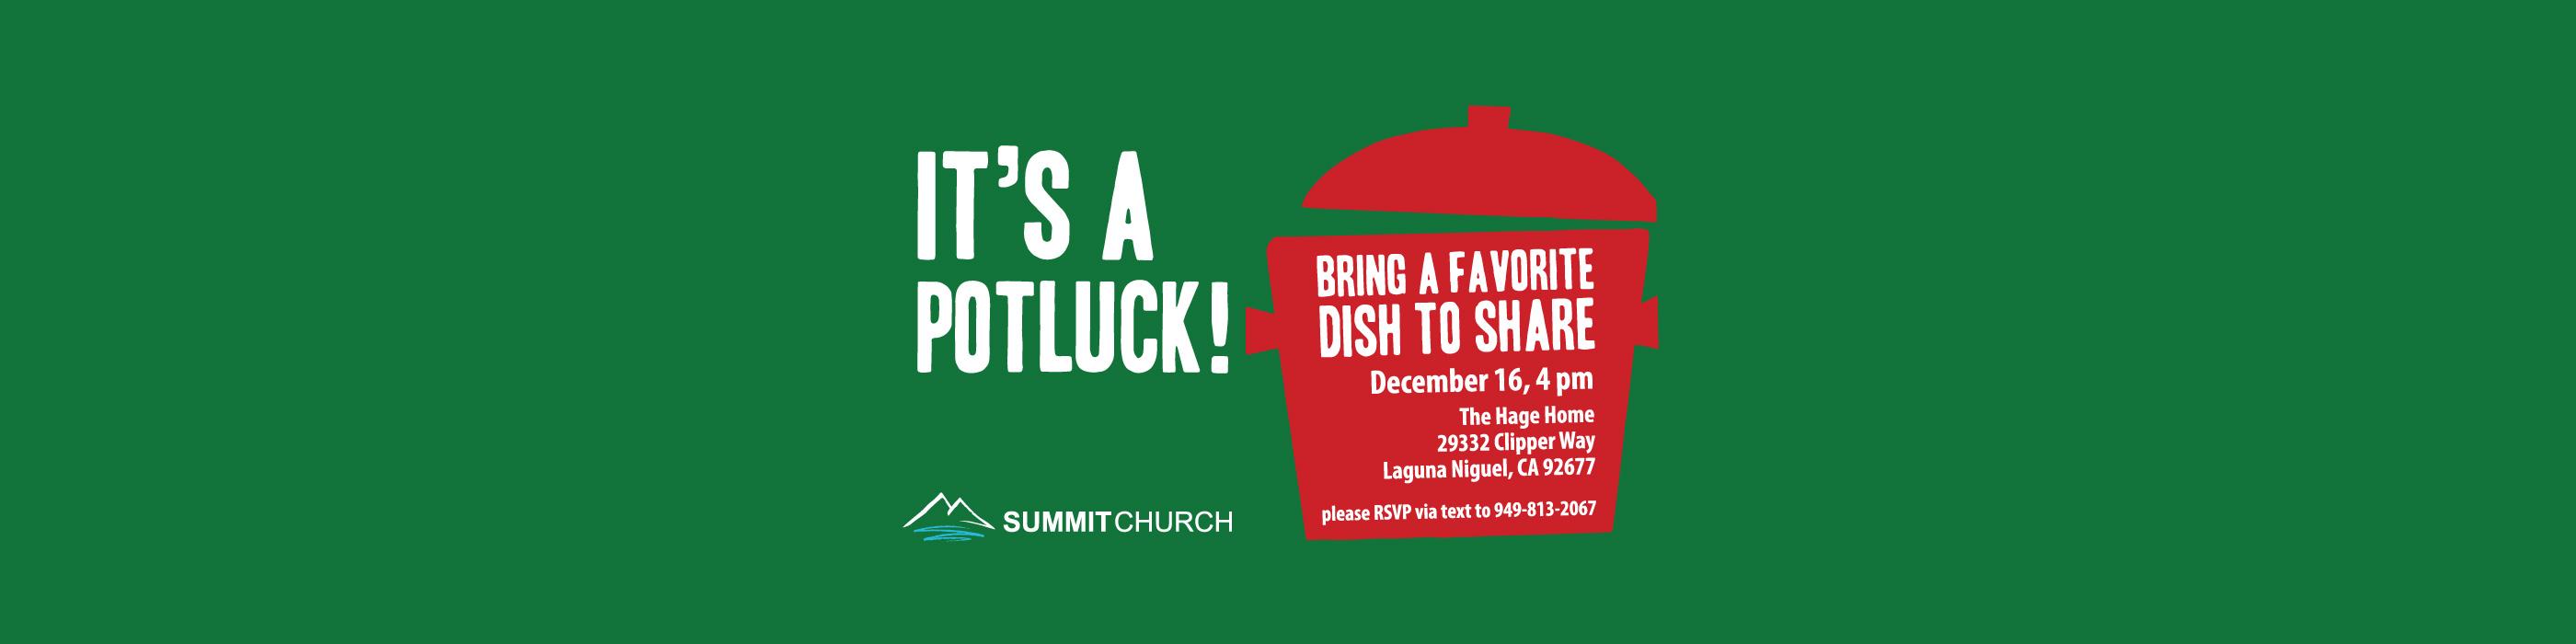 Summit-Church-Bulletin-Graphic-121618-web-2800x700